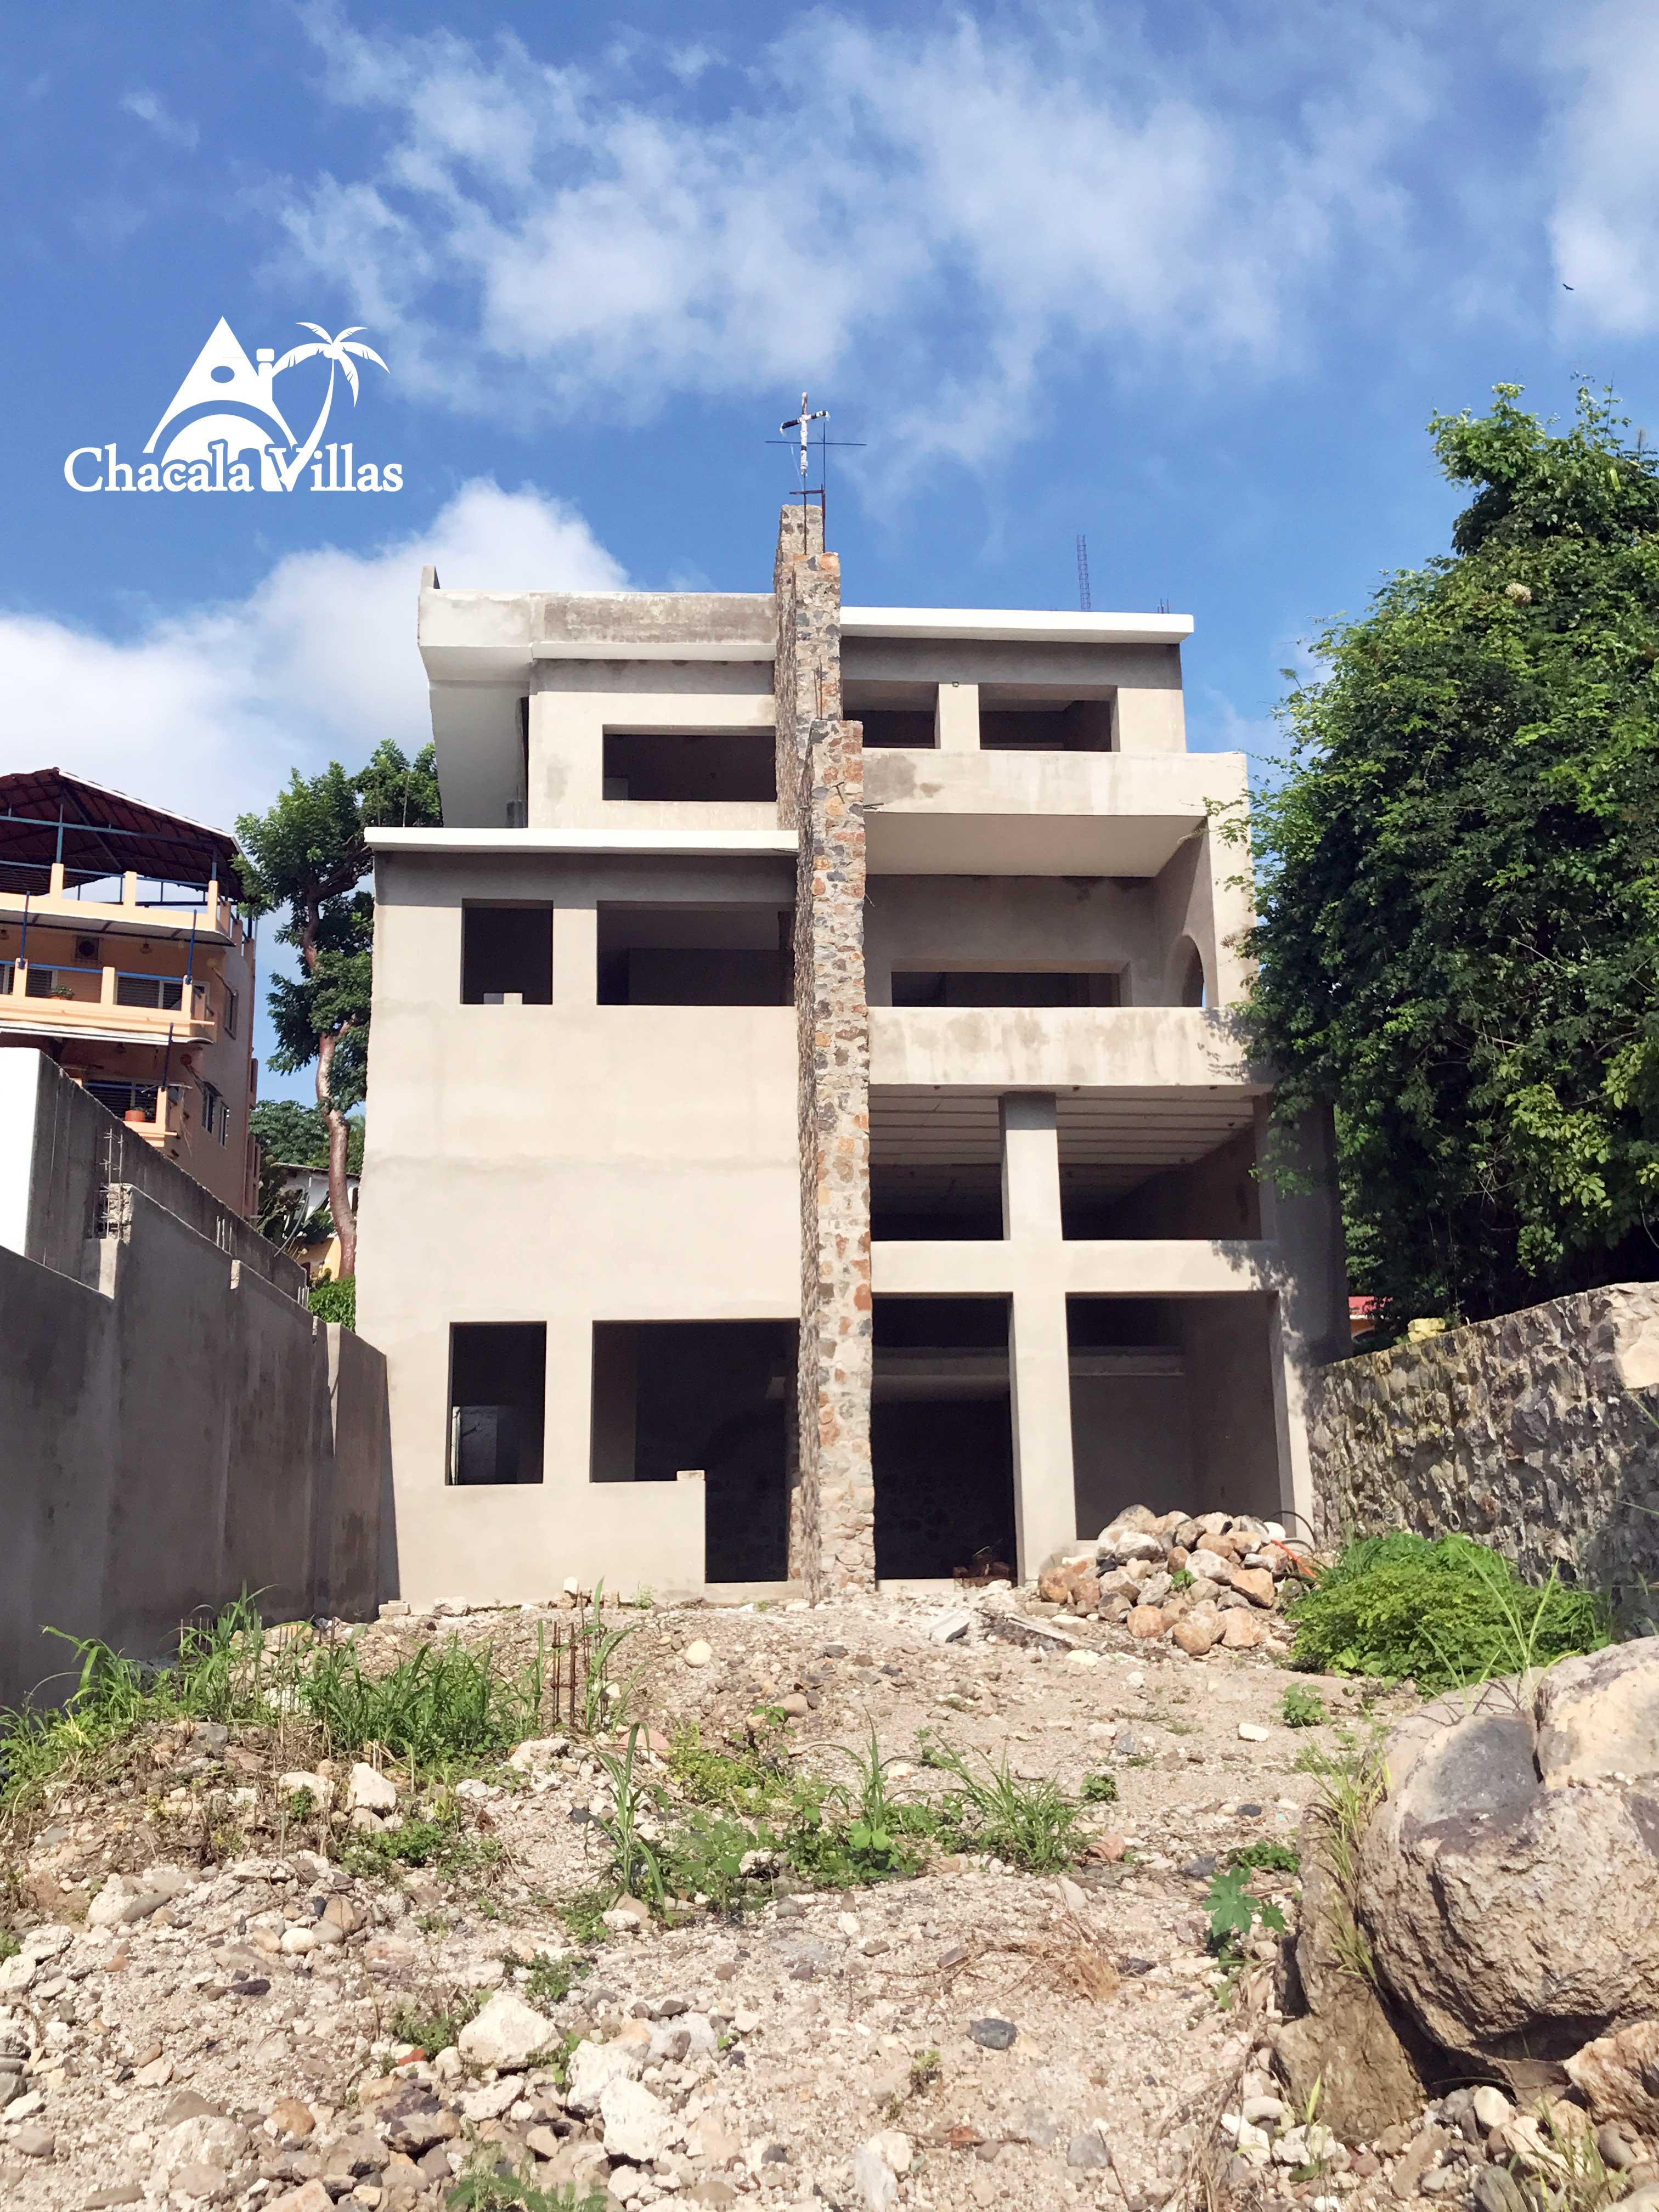 Casa-Gabriela-chvl